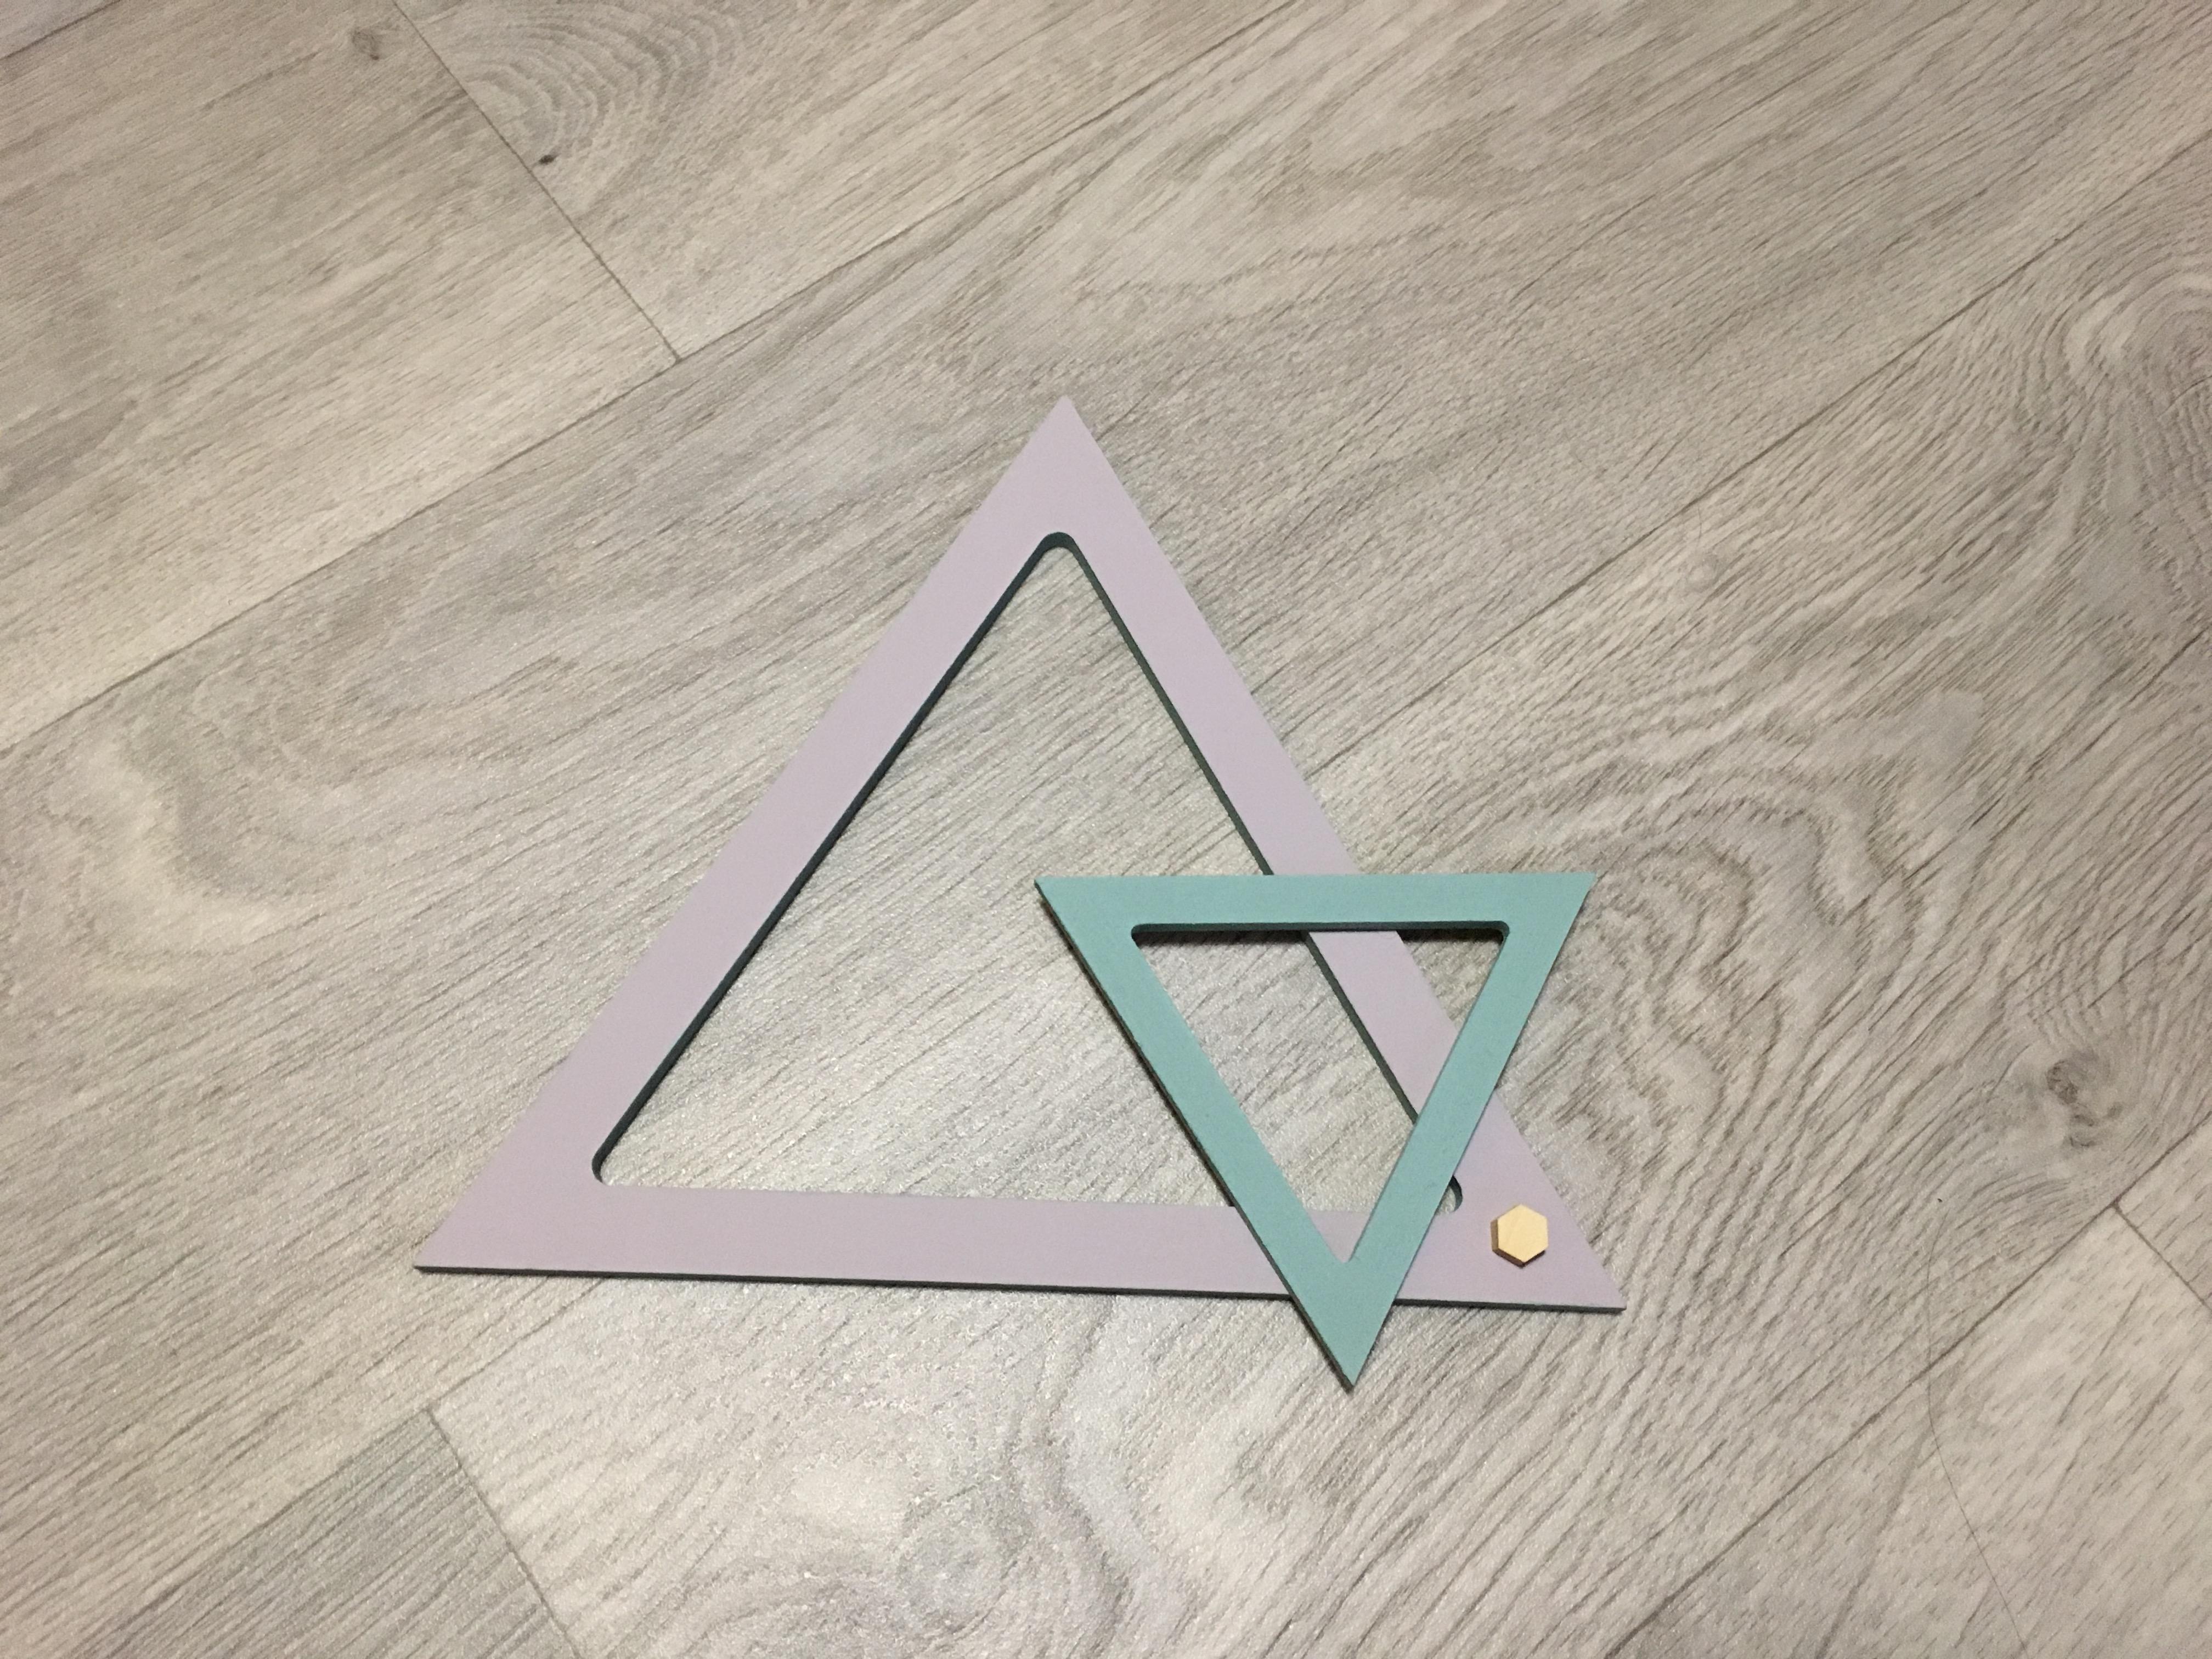 J'ai testé pour vous le triangle évidé 10 cm